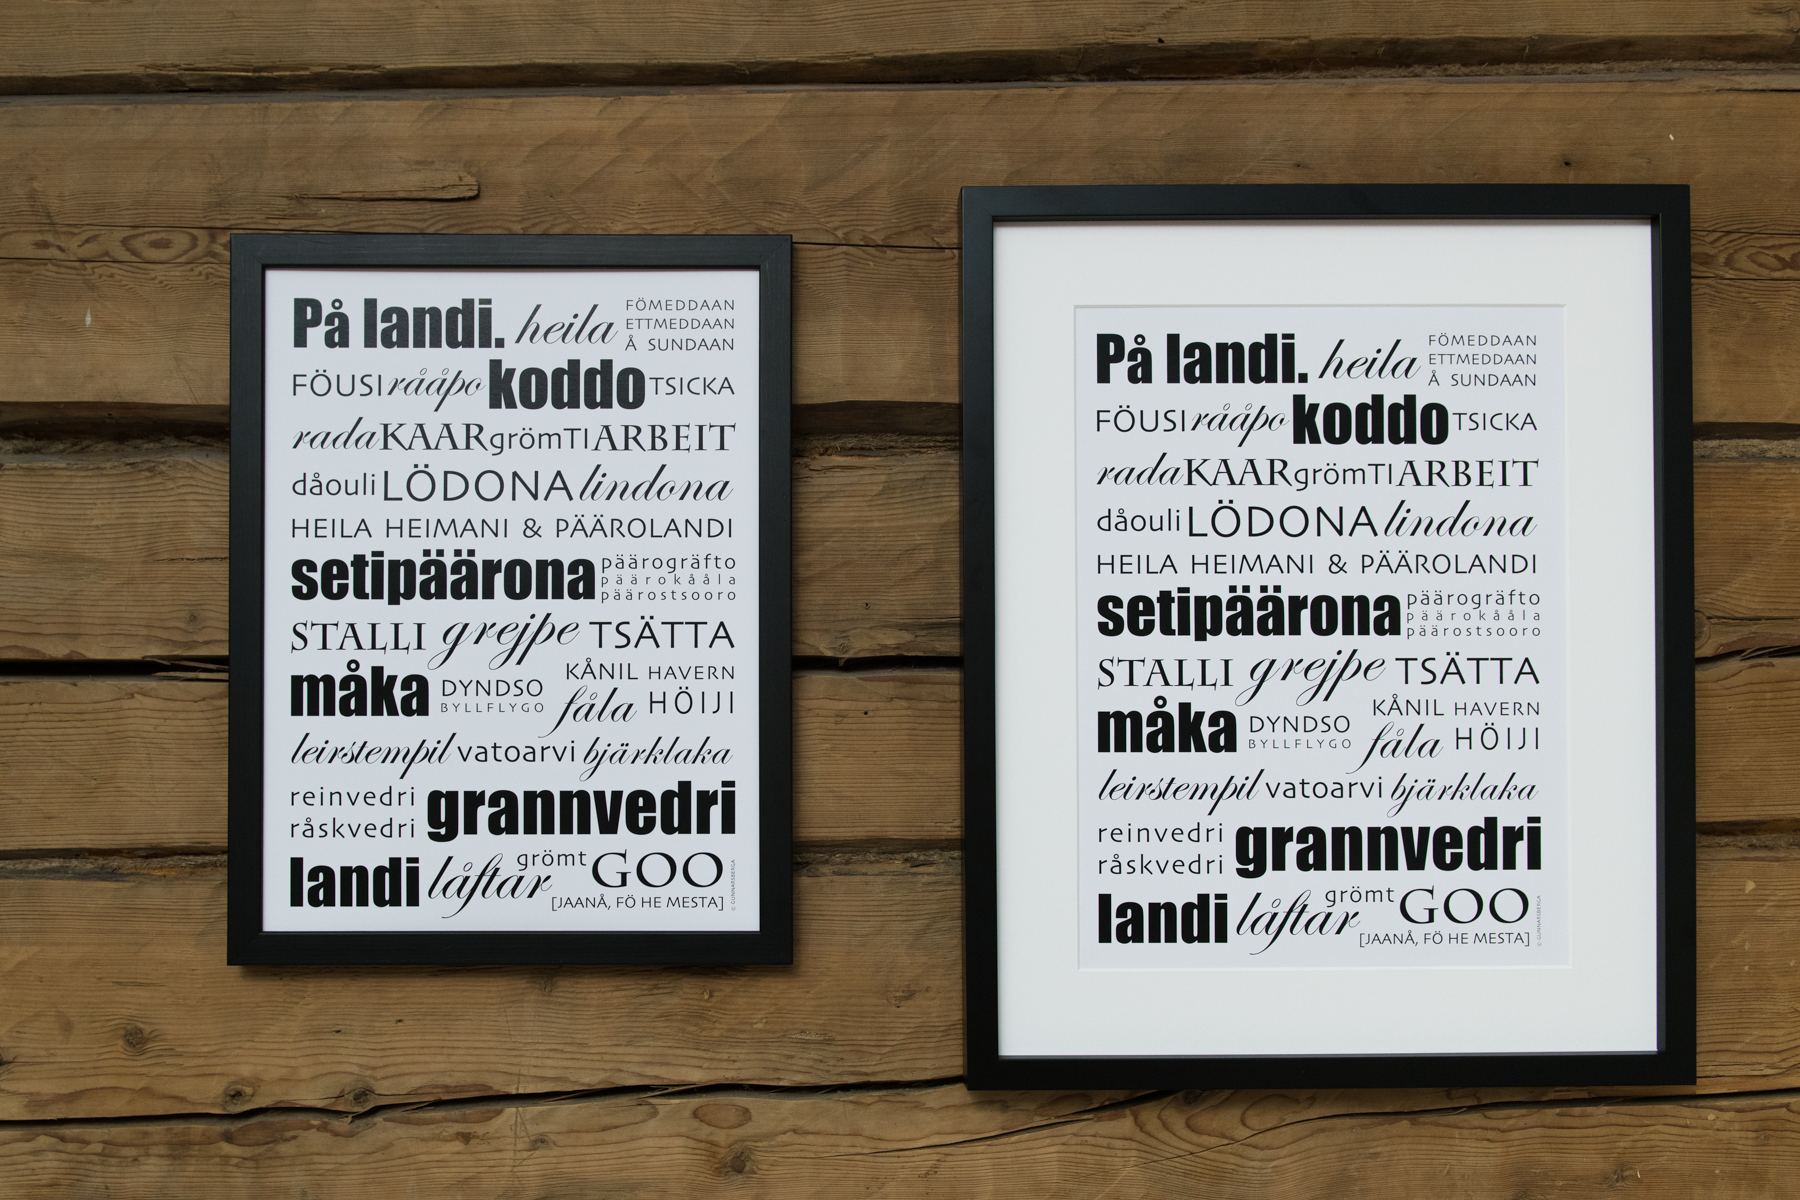 Landi i Essi - dialektposter